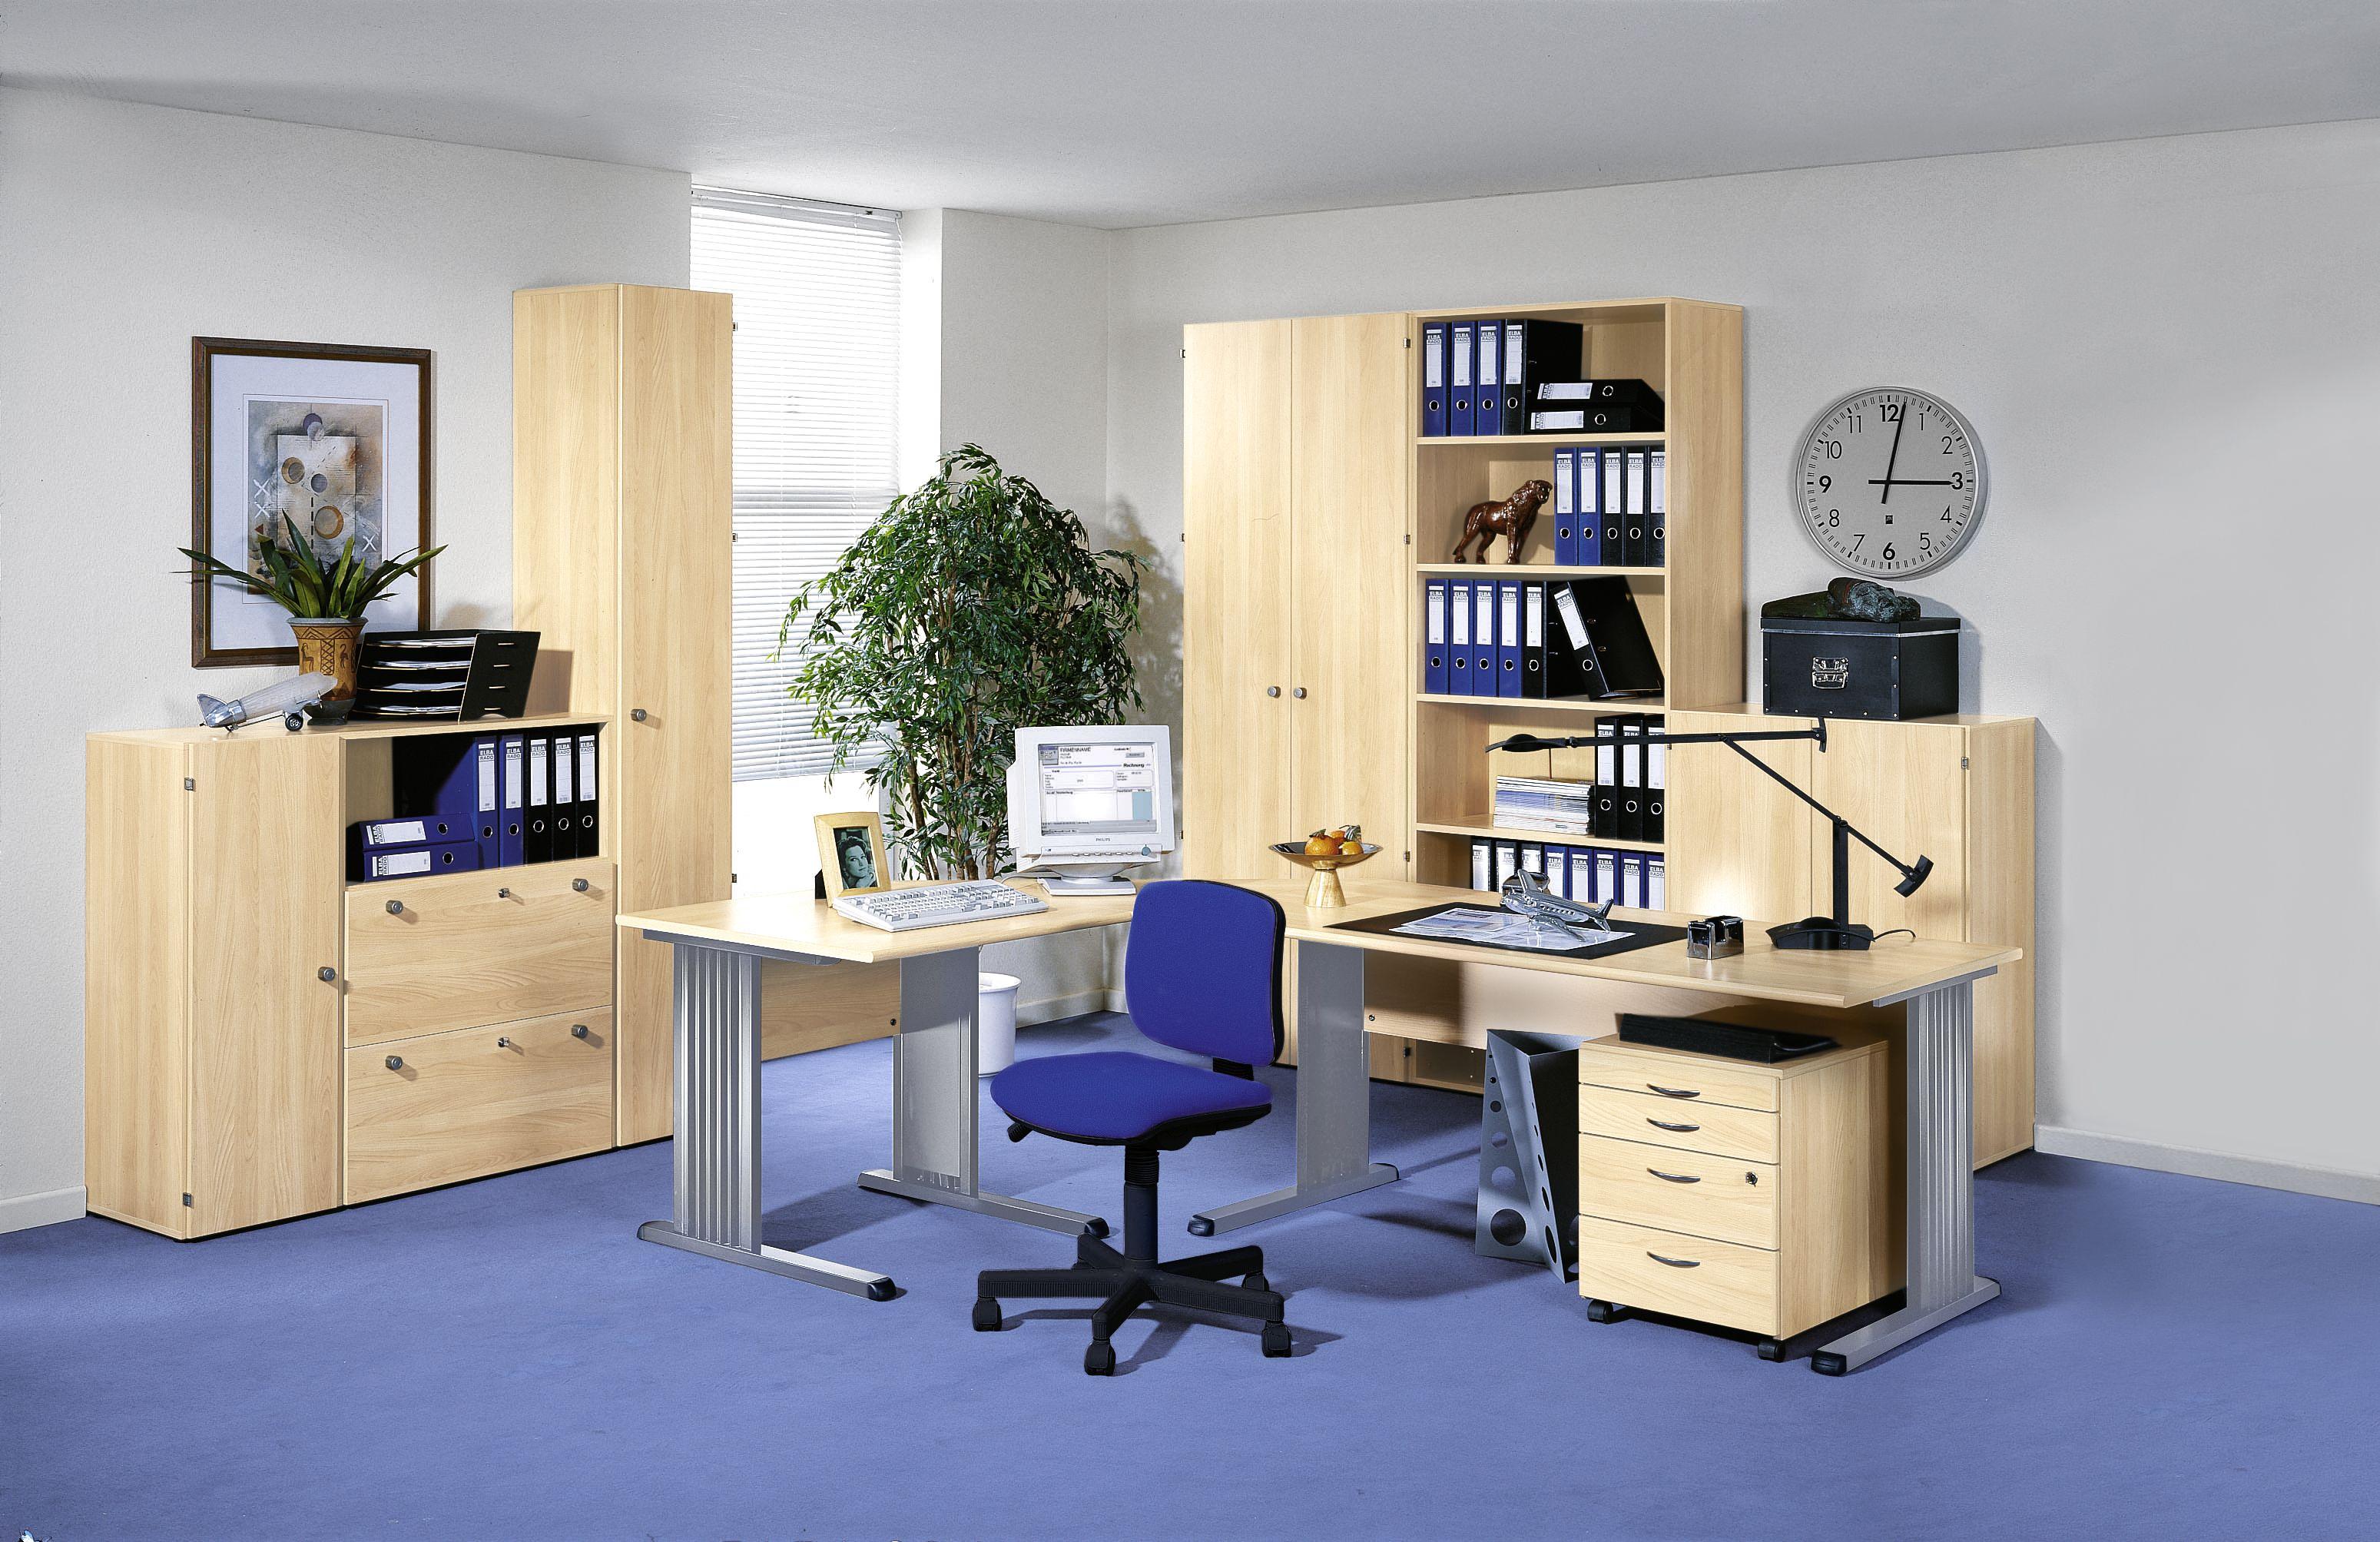 Büromöbel Bravo Ahorn Dekor Von Schäfer Shop Büromöbel Bravo Von